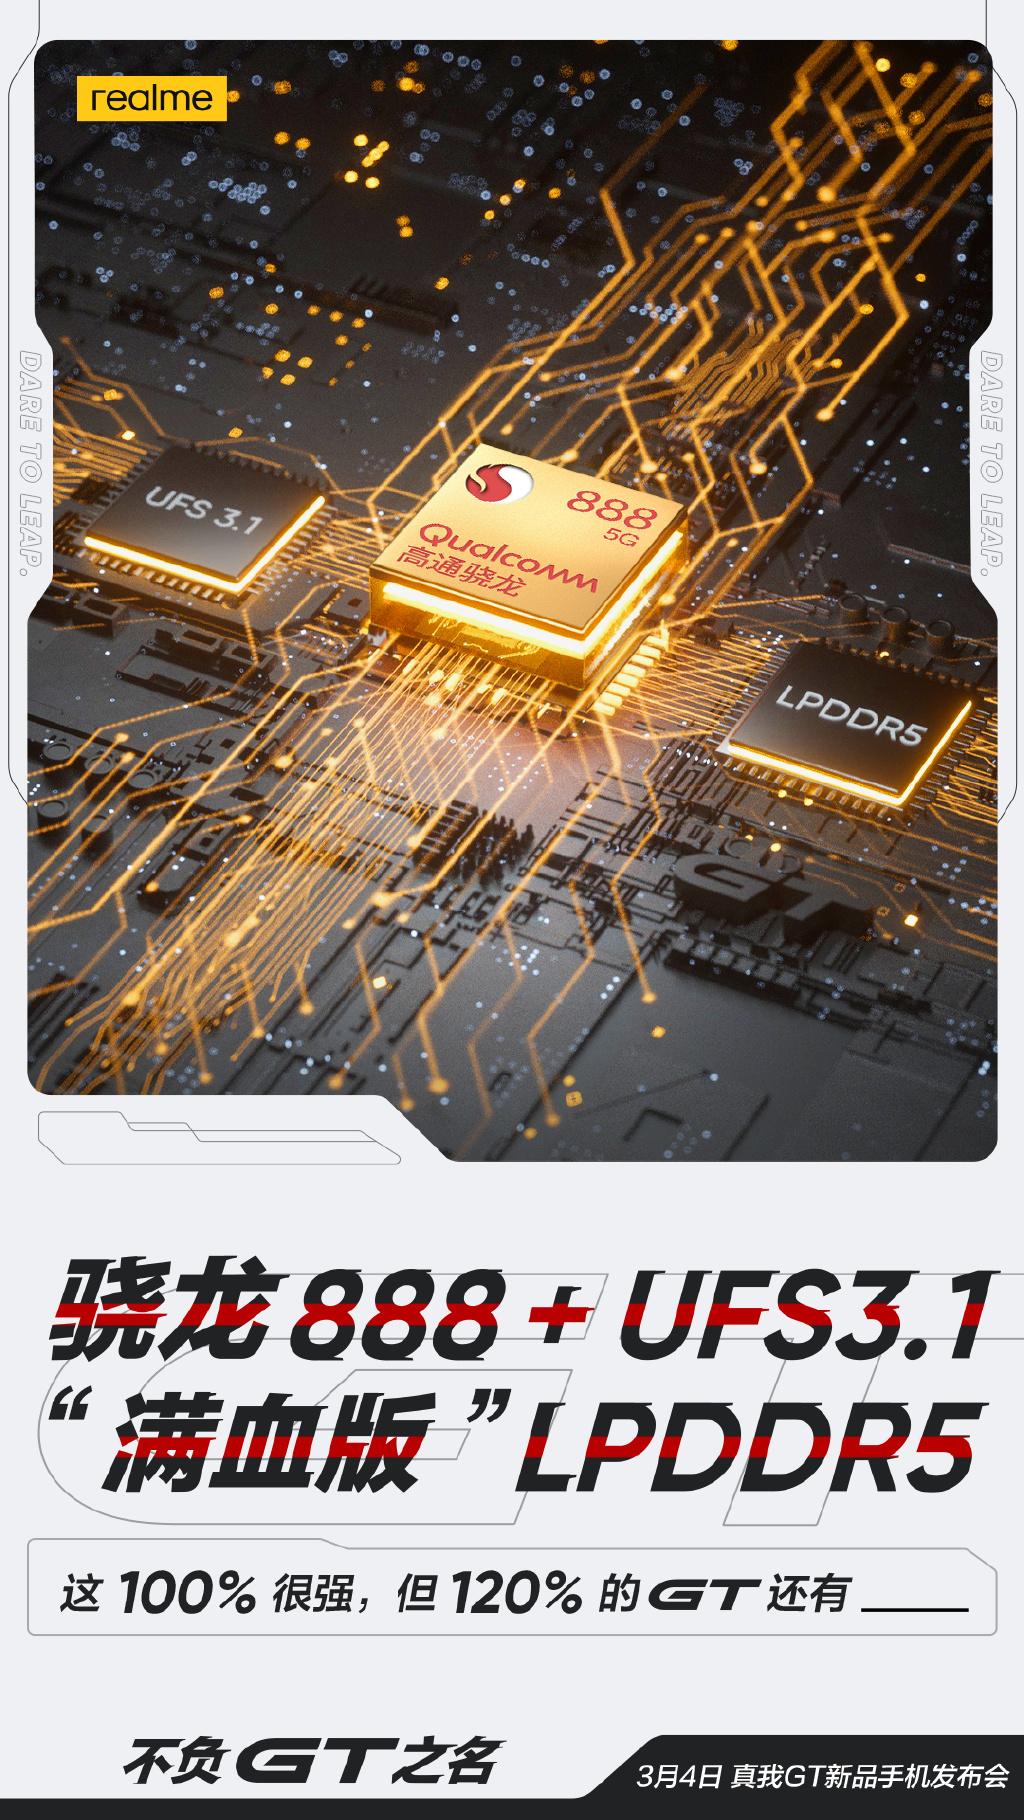 realme GT核心配置官宣:骁龙888+满血内存